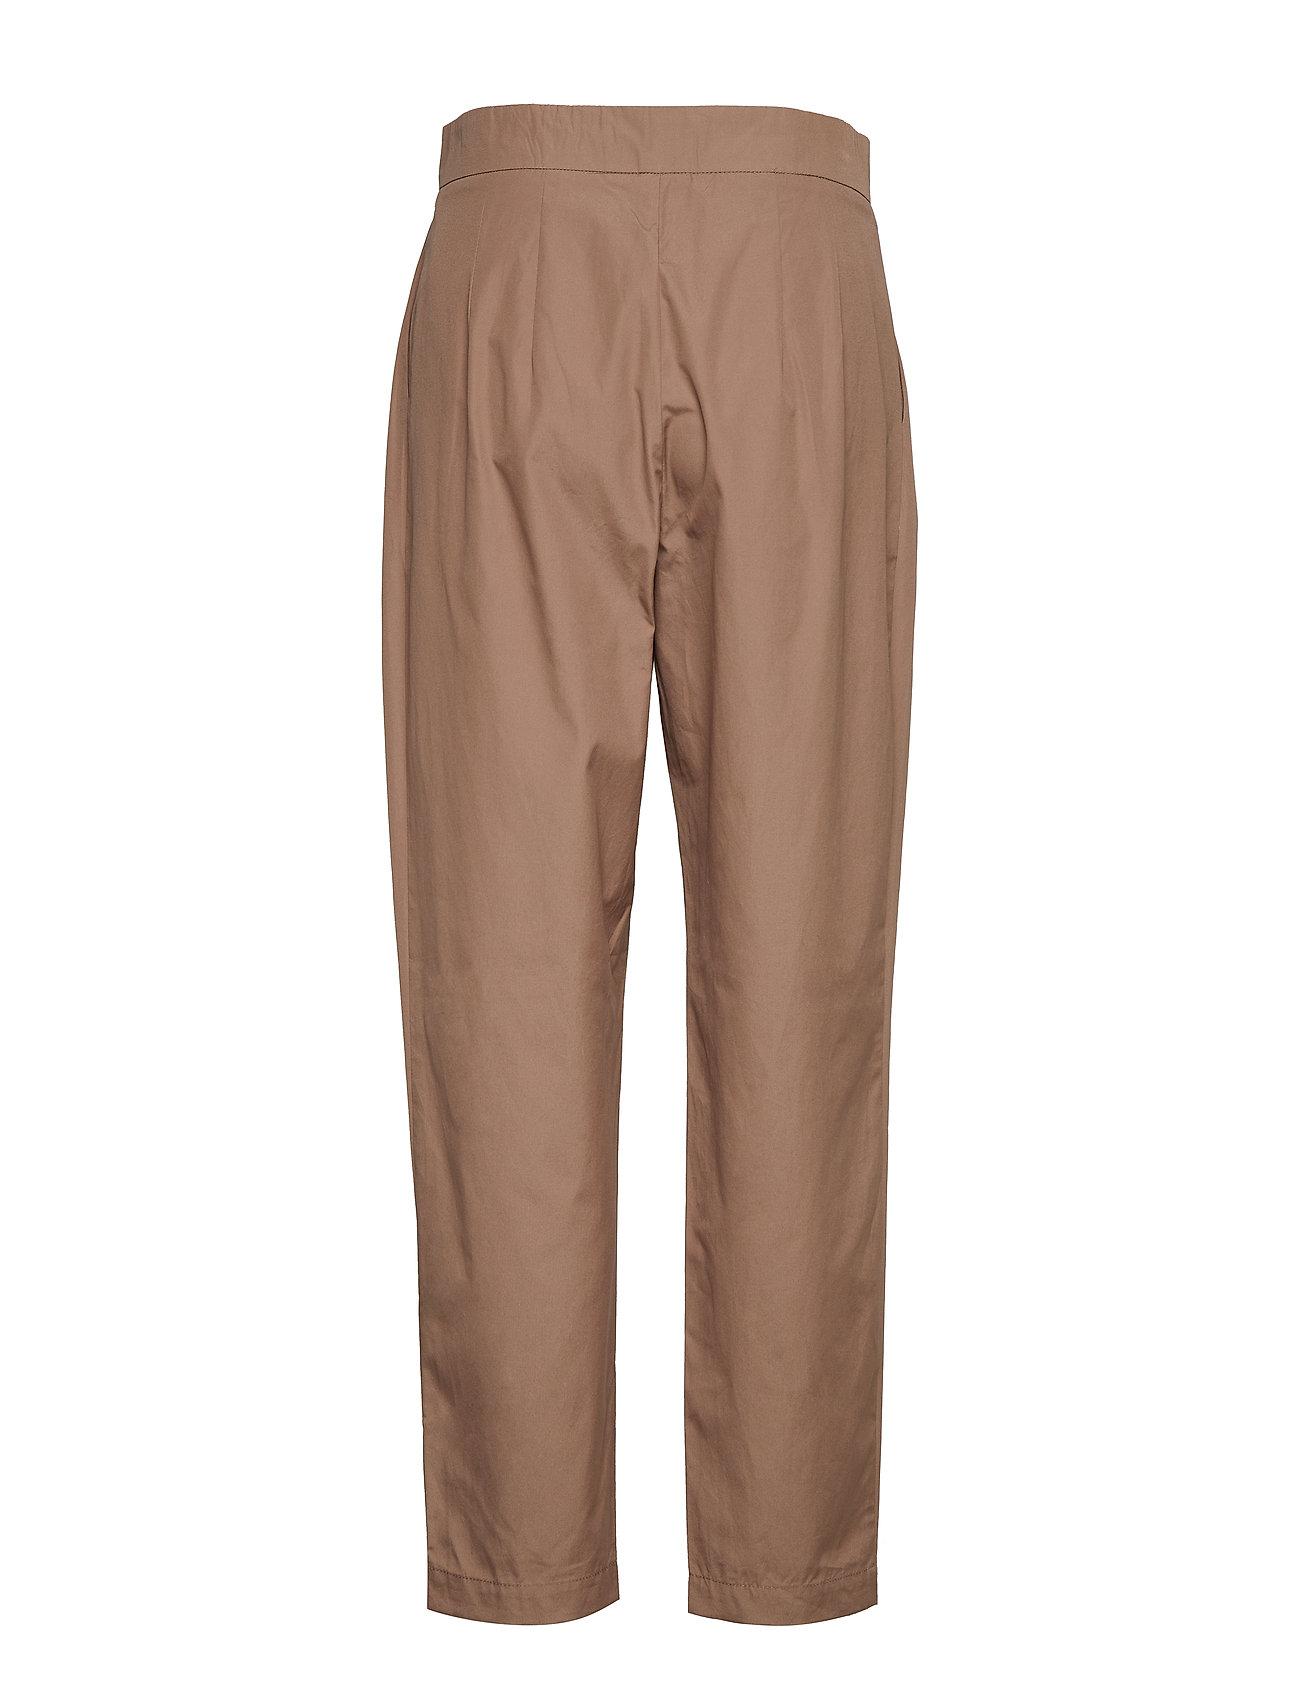 Trousers Bukser Med Lige Ben Beige Noa Noa